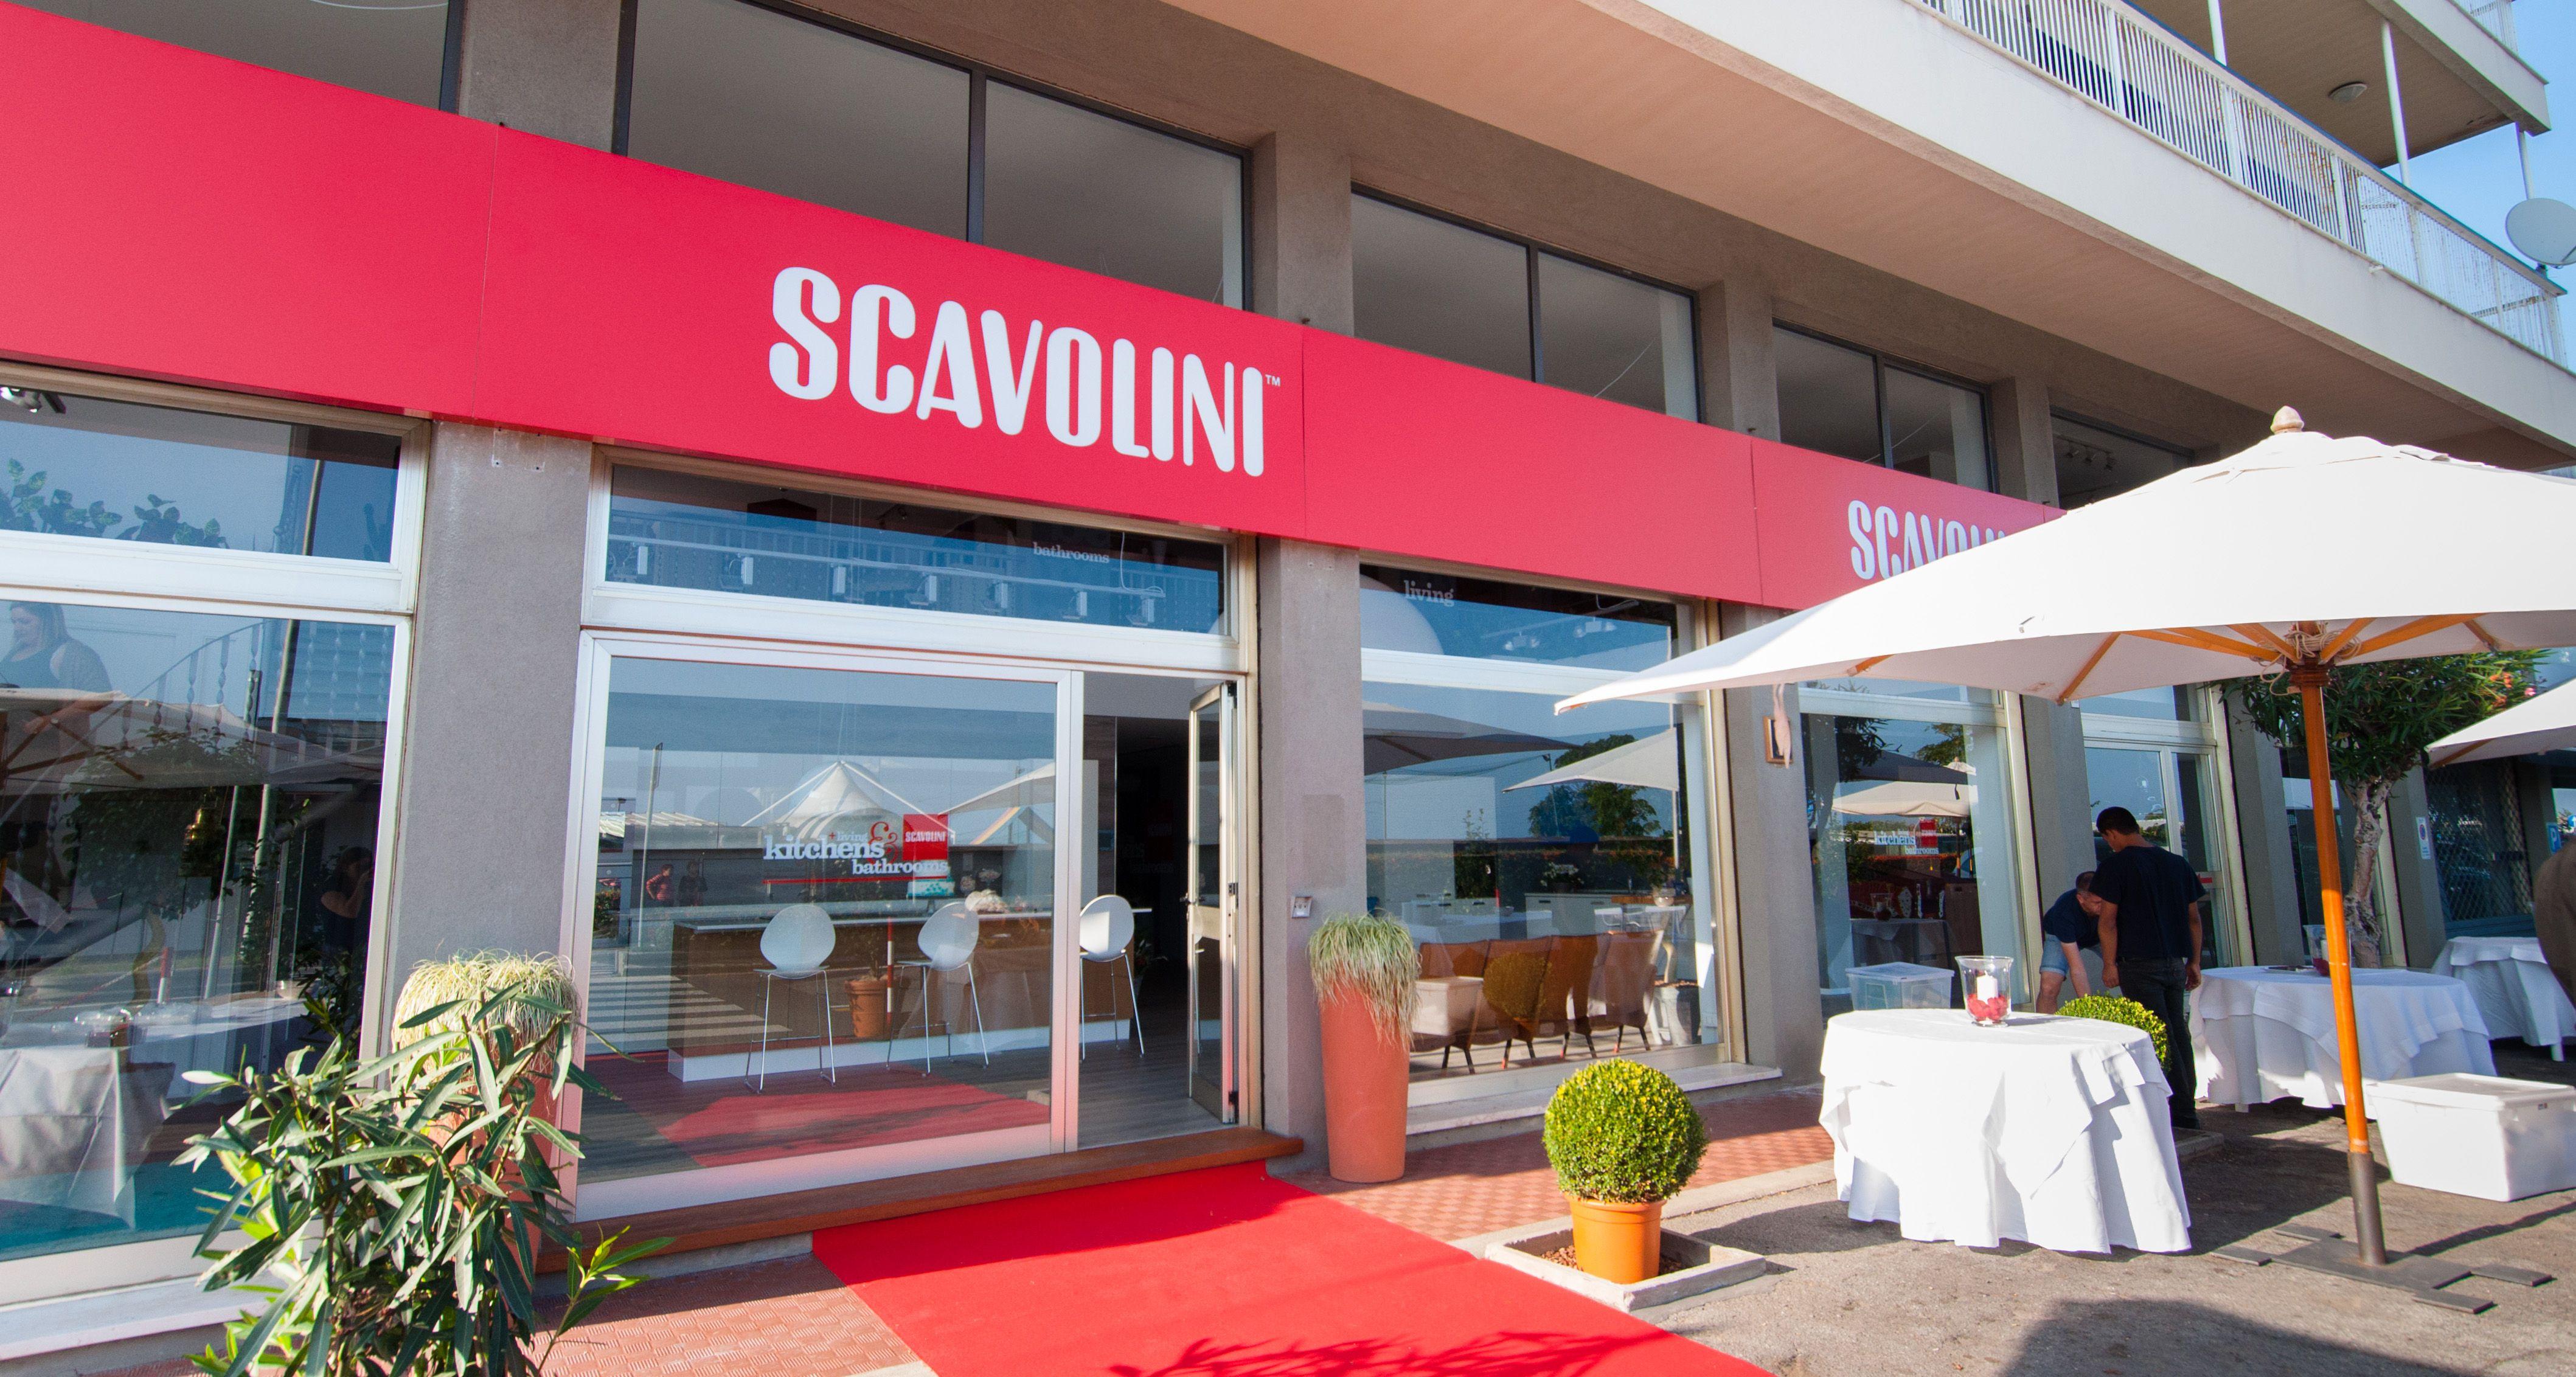 Scavolini Store Savona by 3 ESSE SNC di Schiavini Monica e Claudio ...